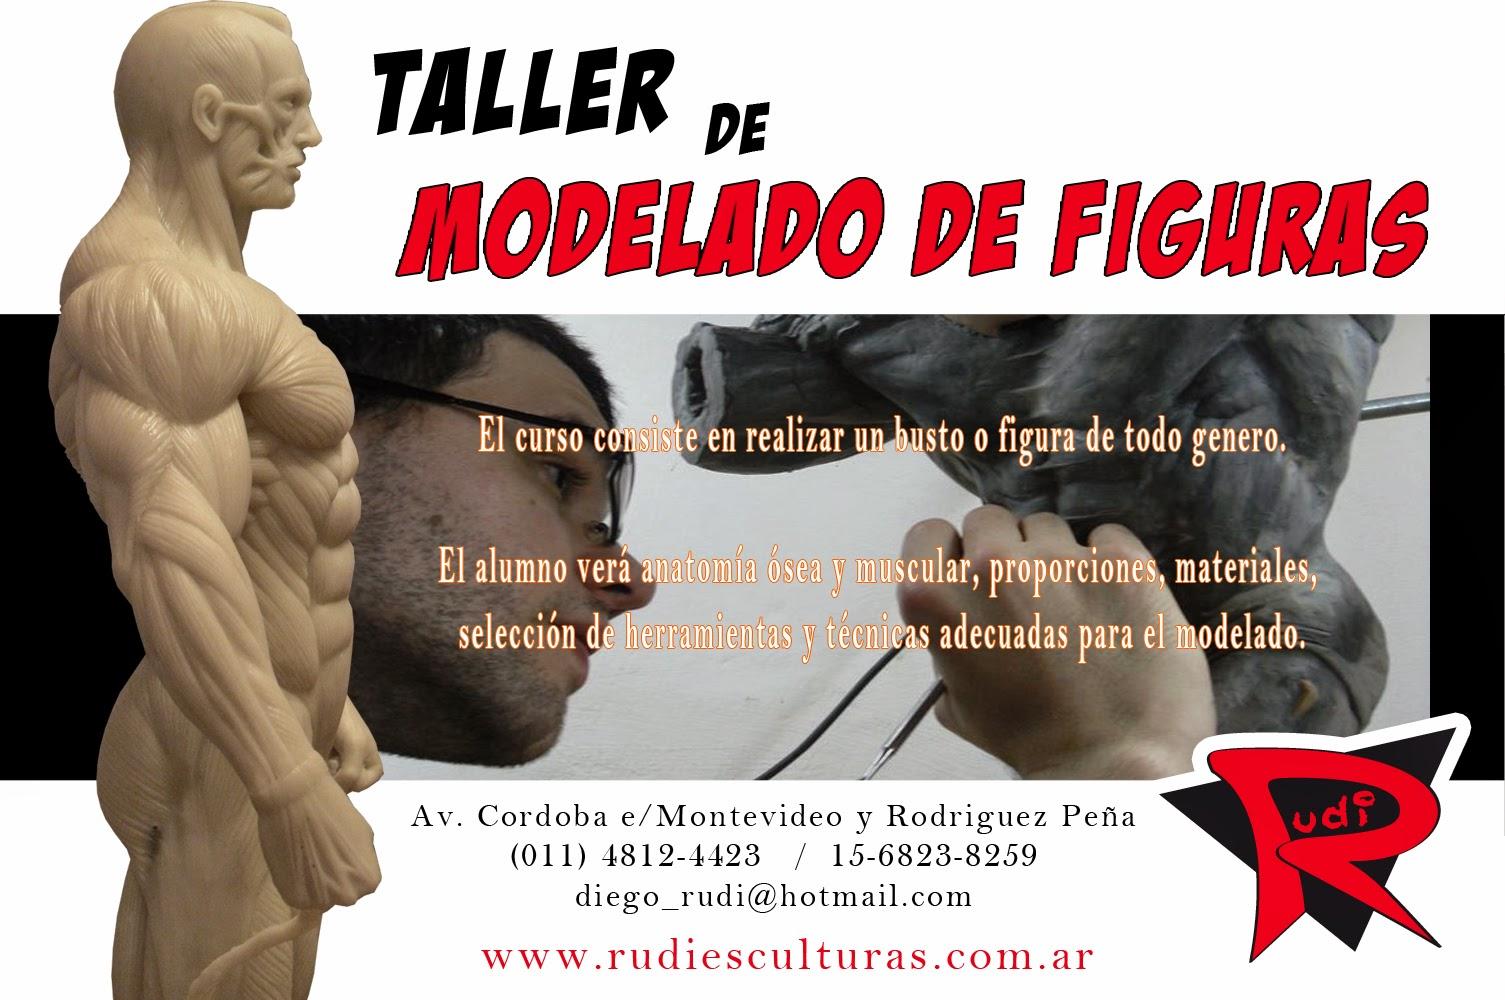 Diego Rudi Esculturas: Taller de modelado de figuras